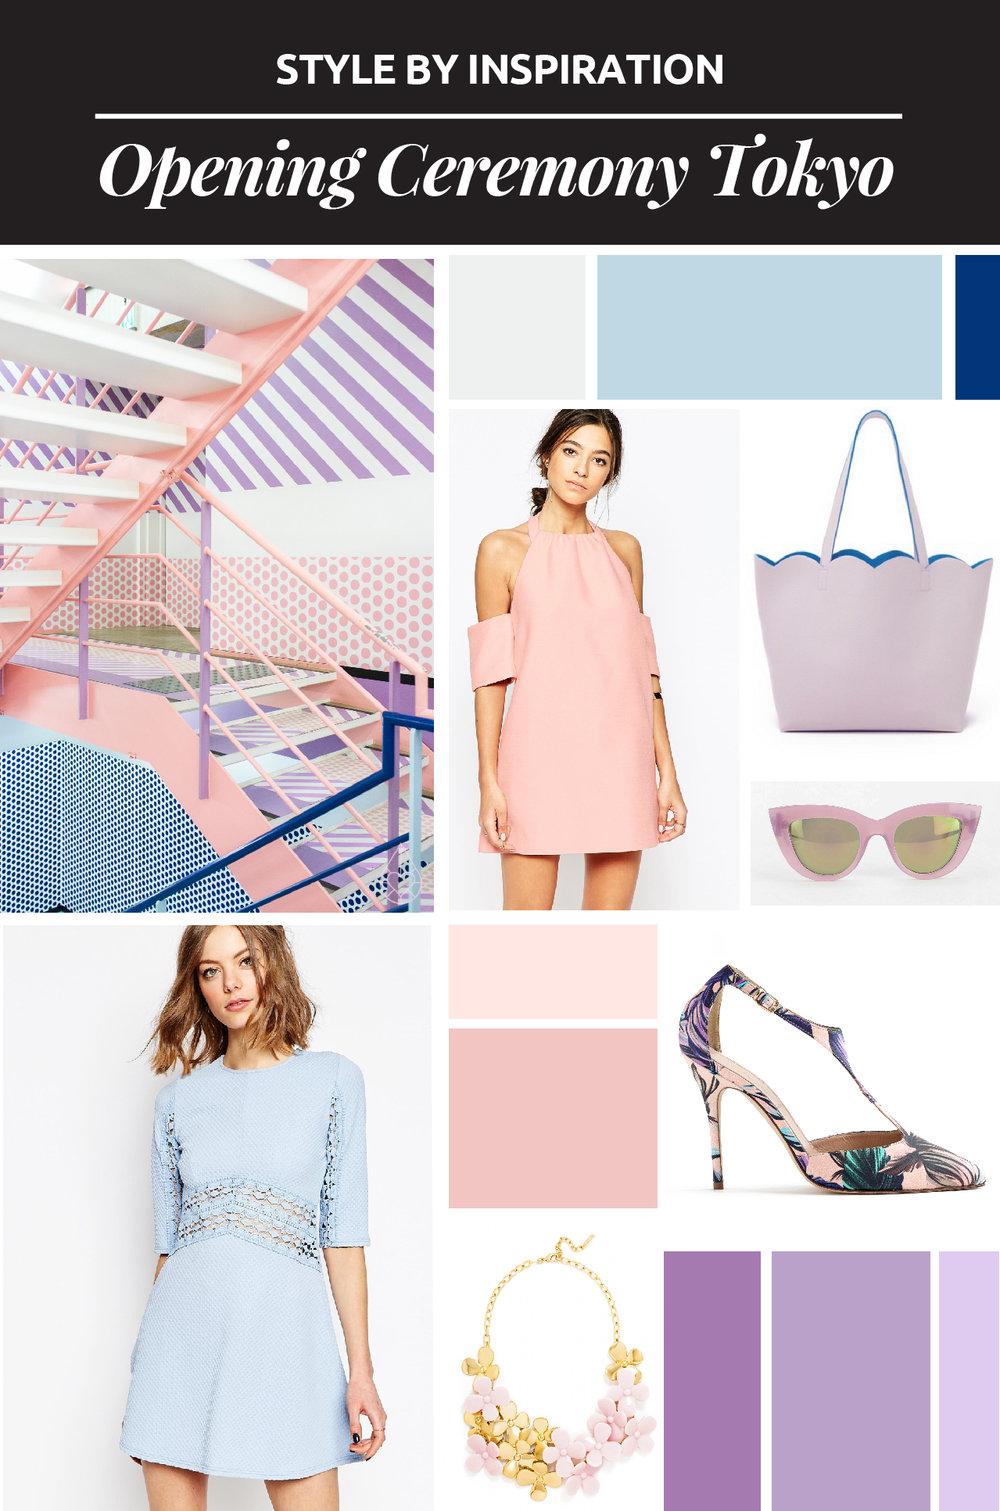 Style By Inspiration #3 - Opening Ceremony En Tokyo // El paleta de colores y el estilo gráfico de la tienda Opening Ceremony en Tokyo llamó mi atención. ¡Aprende cómo usar esto como inspiración para un look!